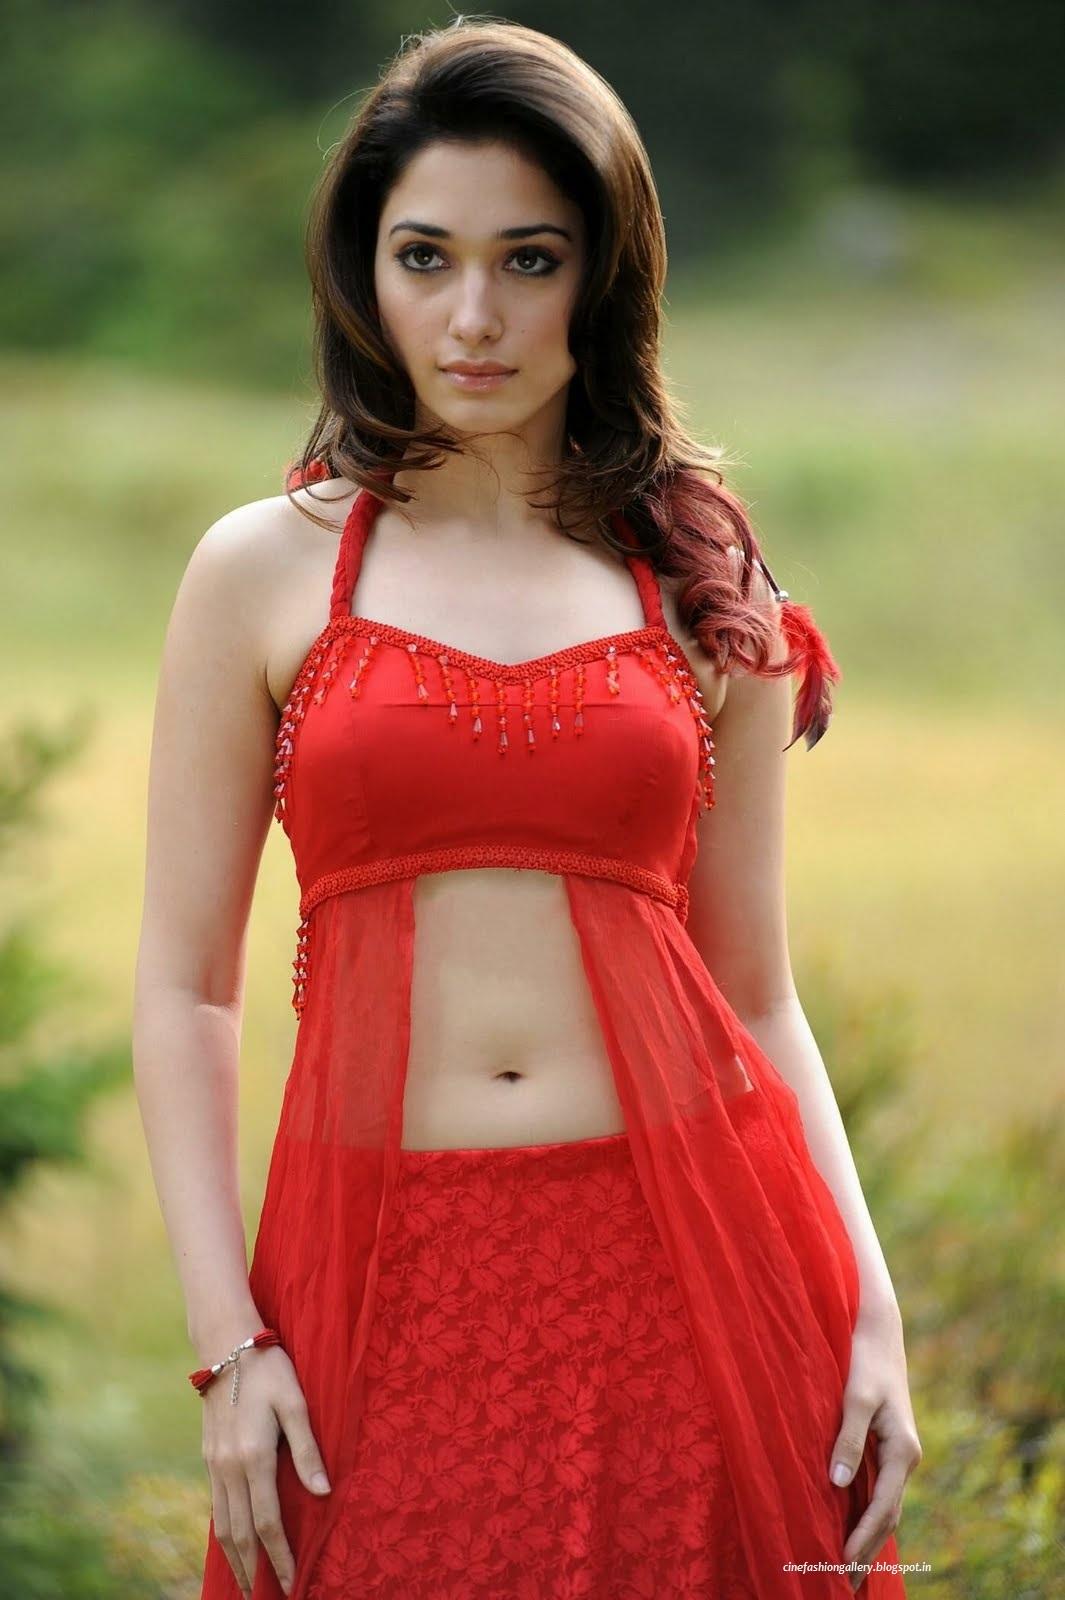 film actress tamannah bhatia - photo #16